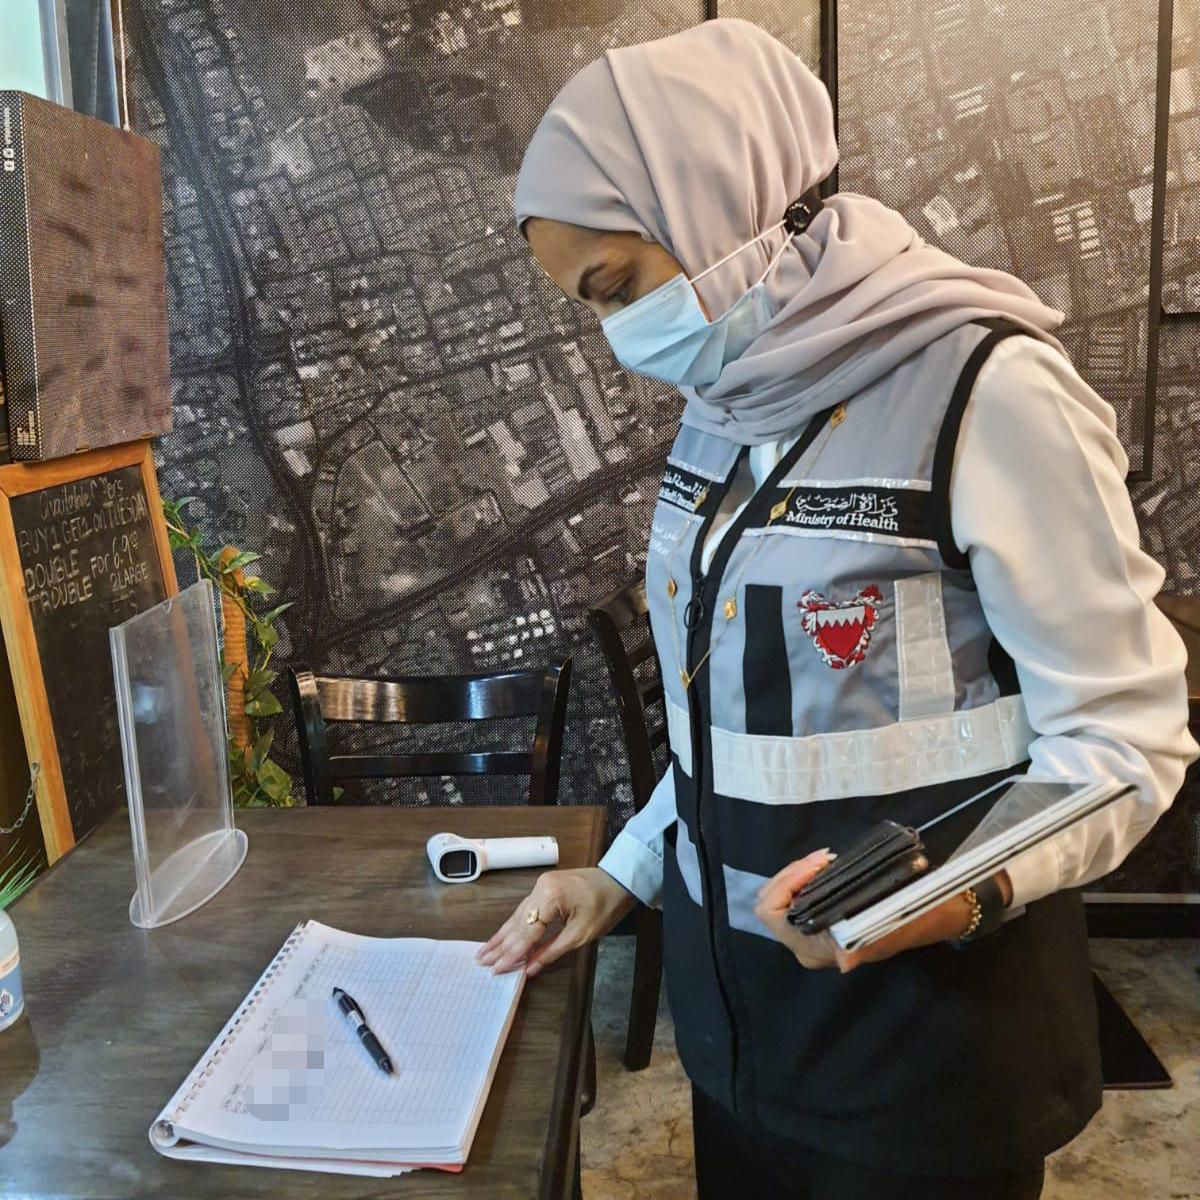 وزارة الصحة: حملات تفتيشية شملت 193 مطعمًا ومقهى ومخالفة 57 منها